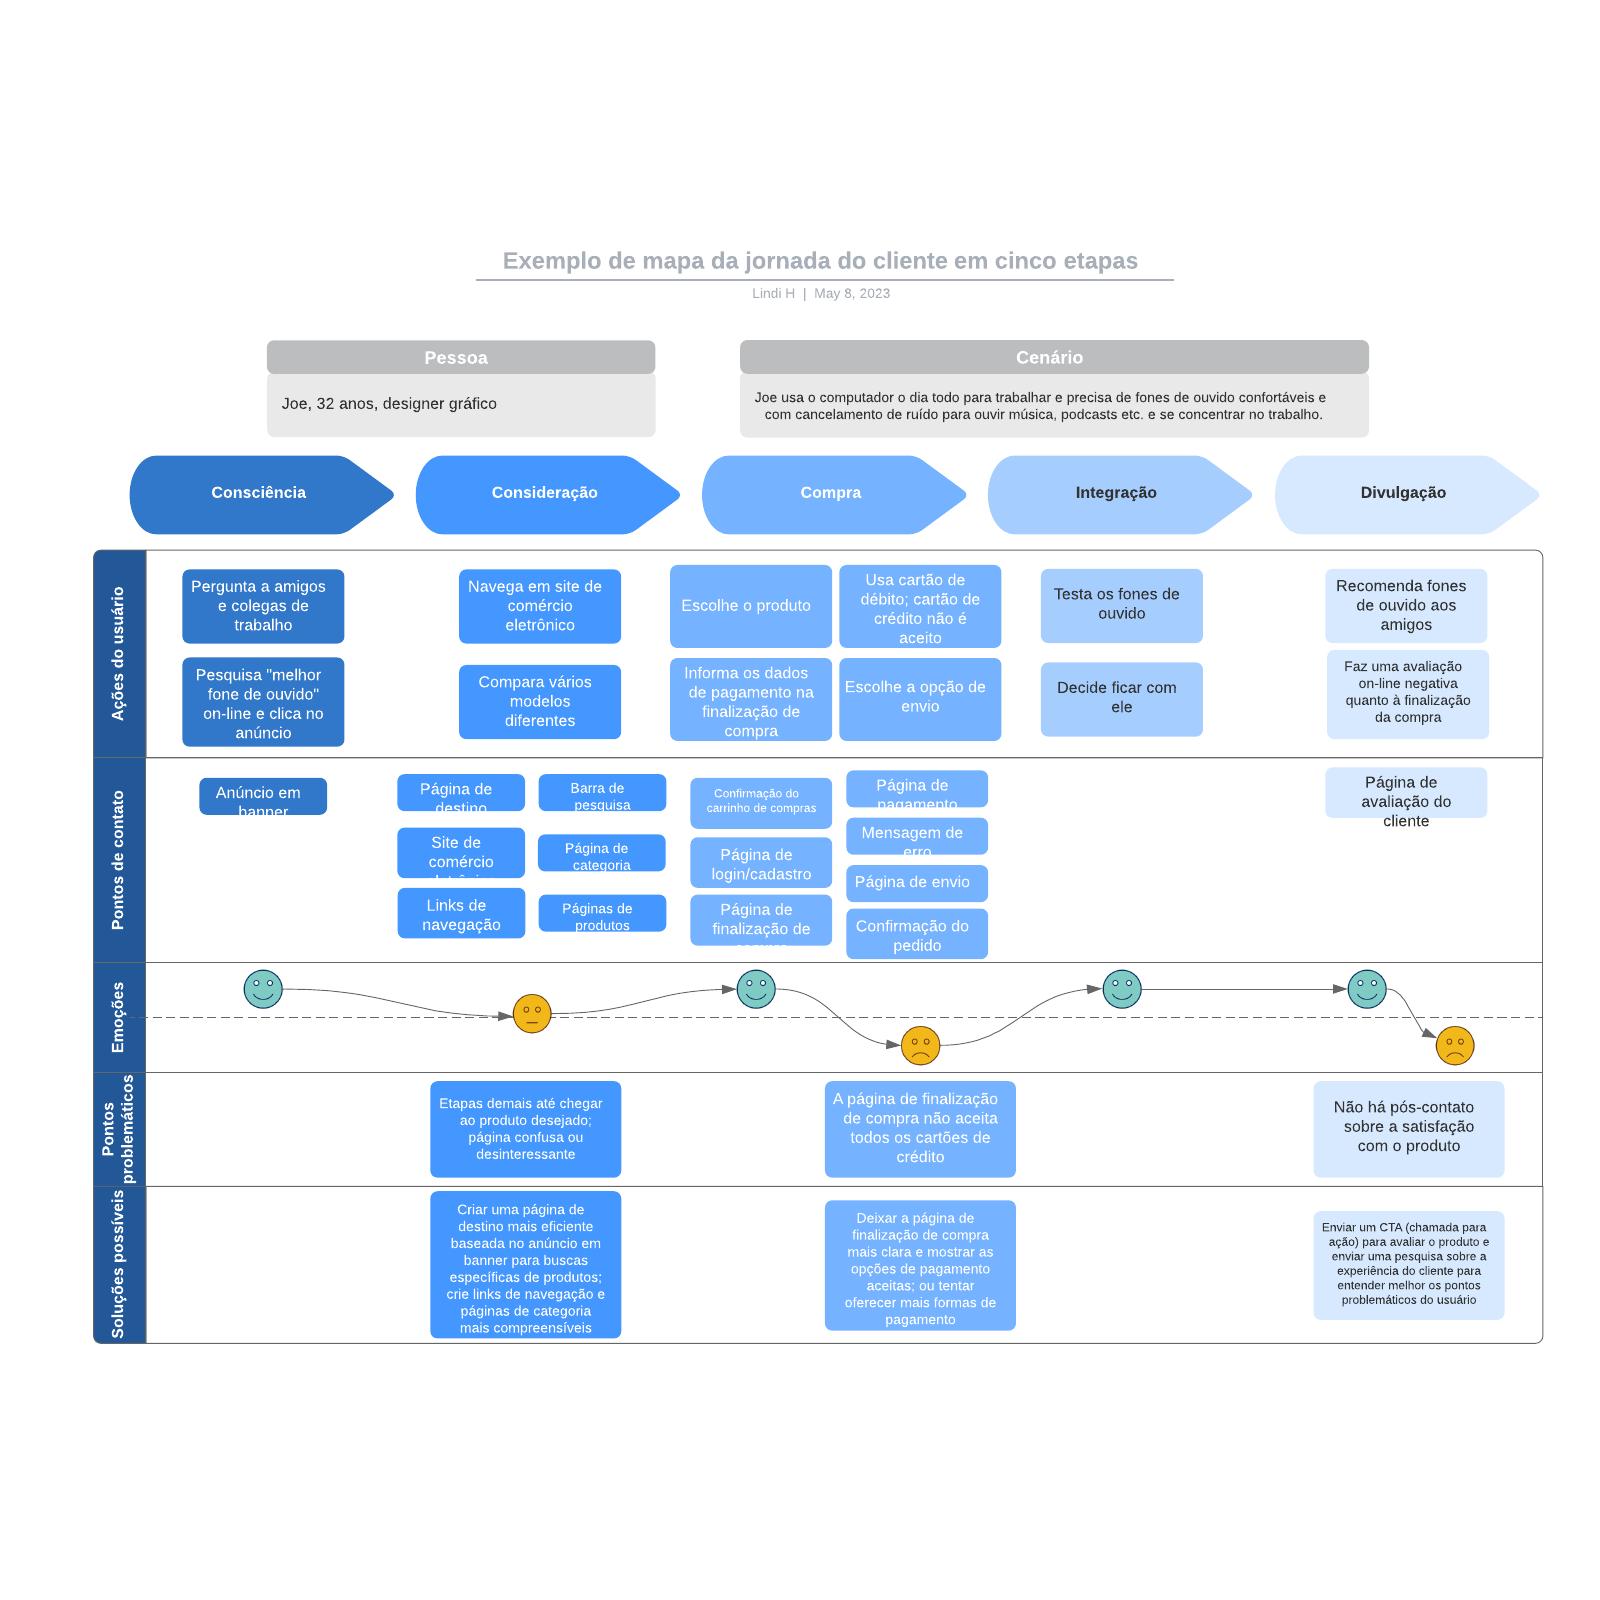 Exemplo de mapa da jornada do cliente em cinco etapas